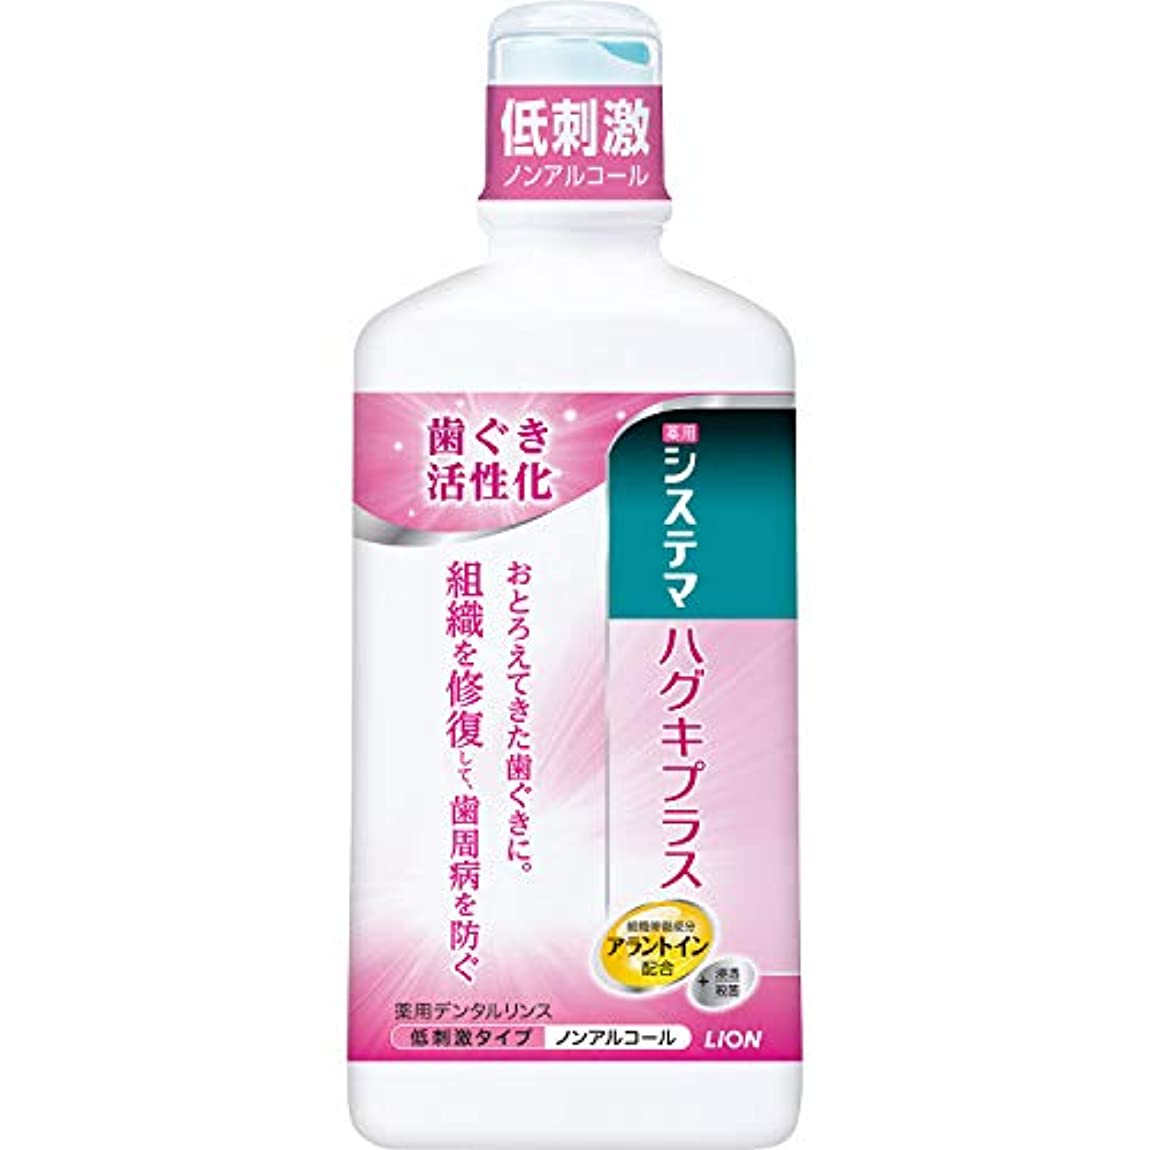 システマ ハグキプラス デンタルリンス 450ml 液体歯磨 (医薬部外品)